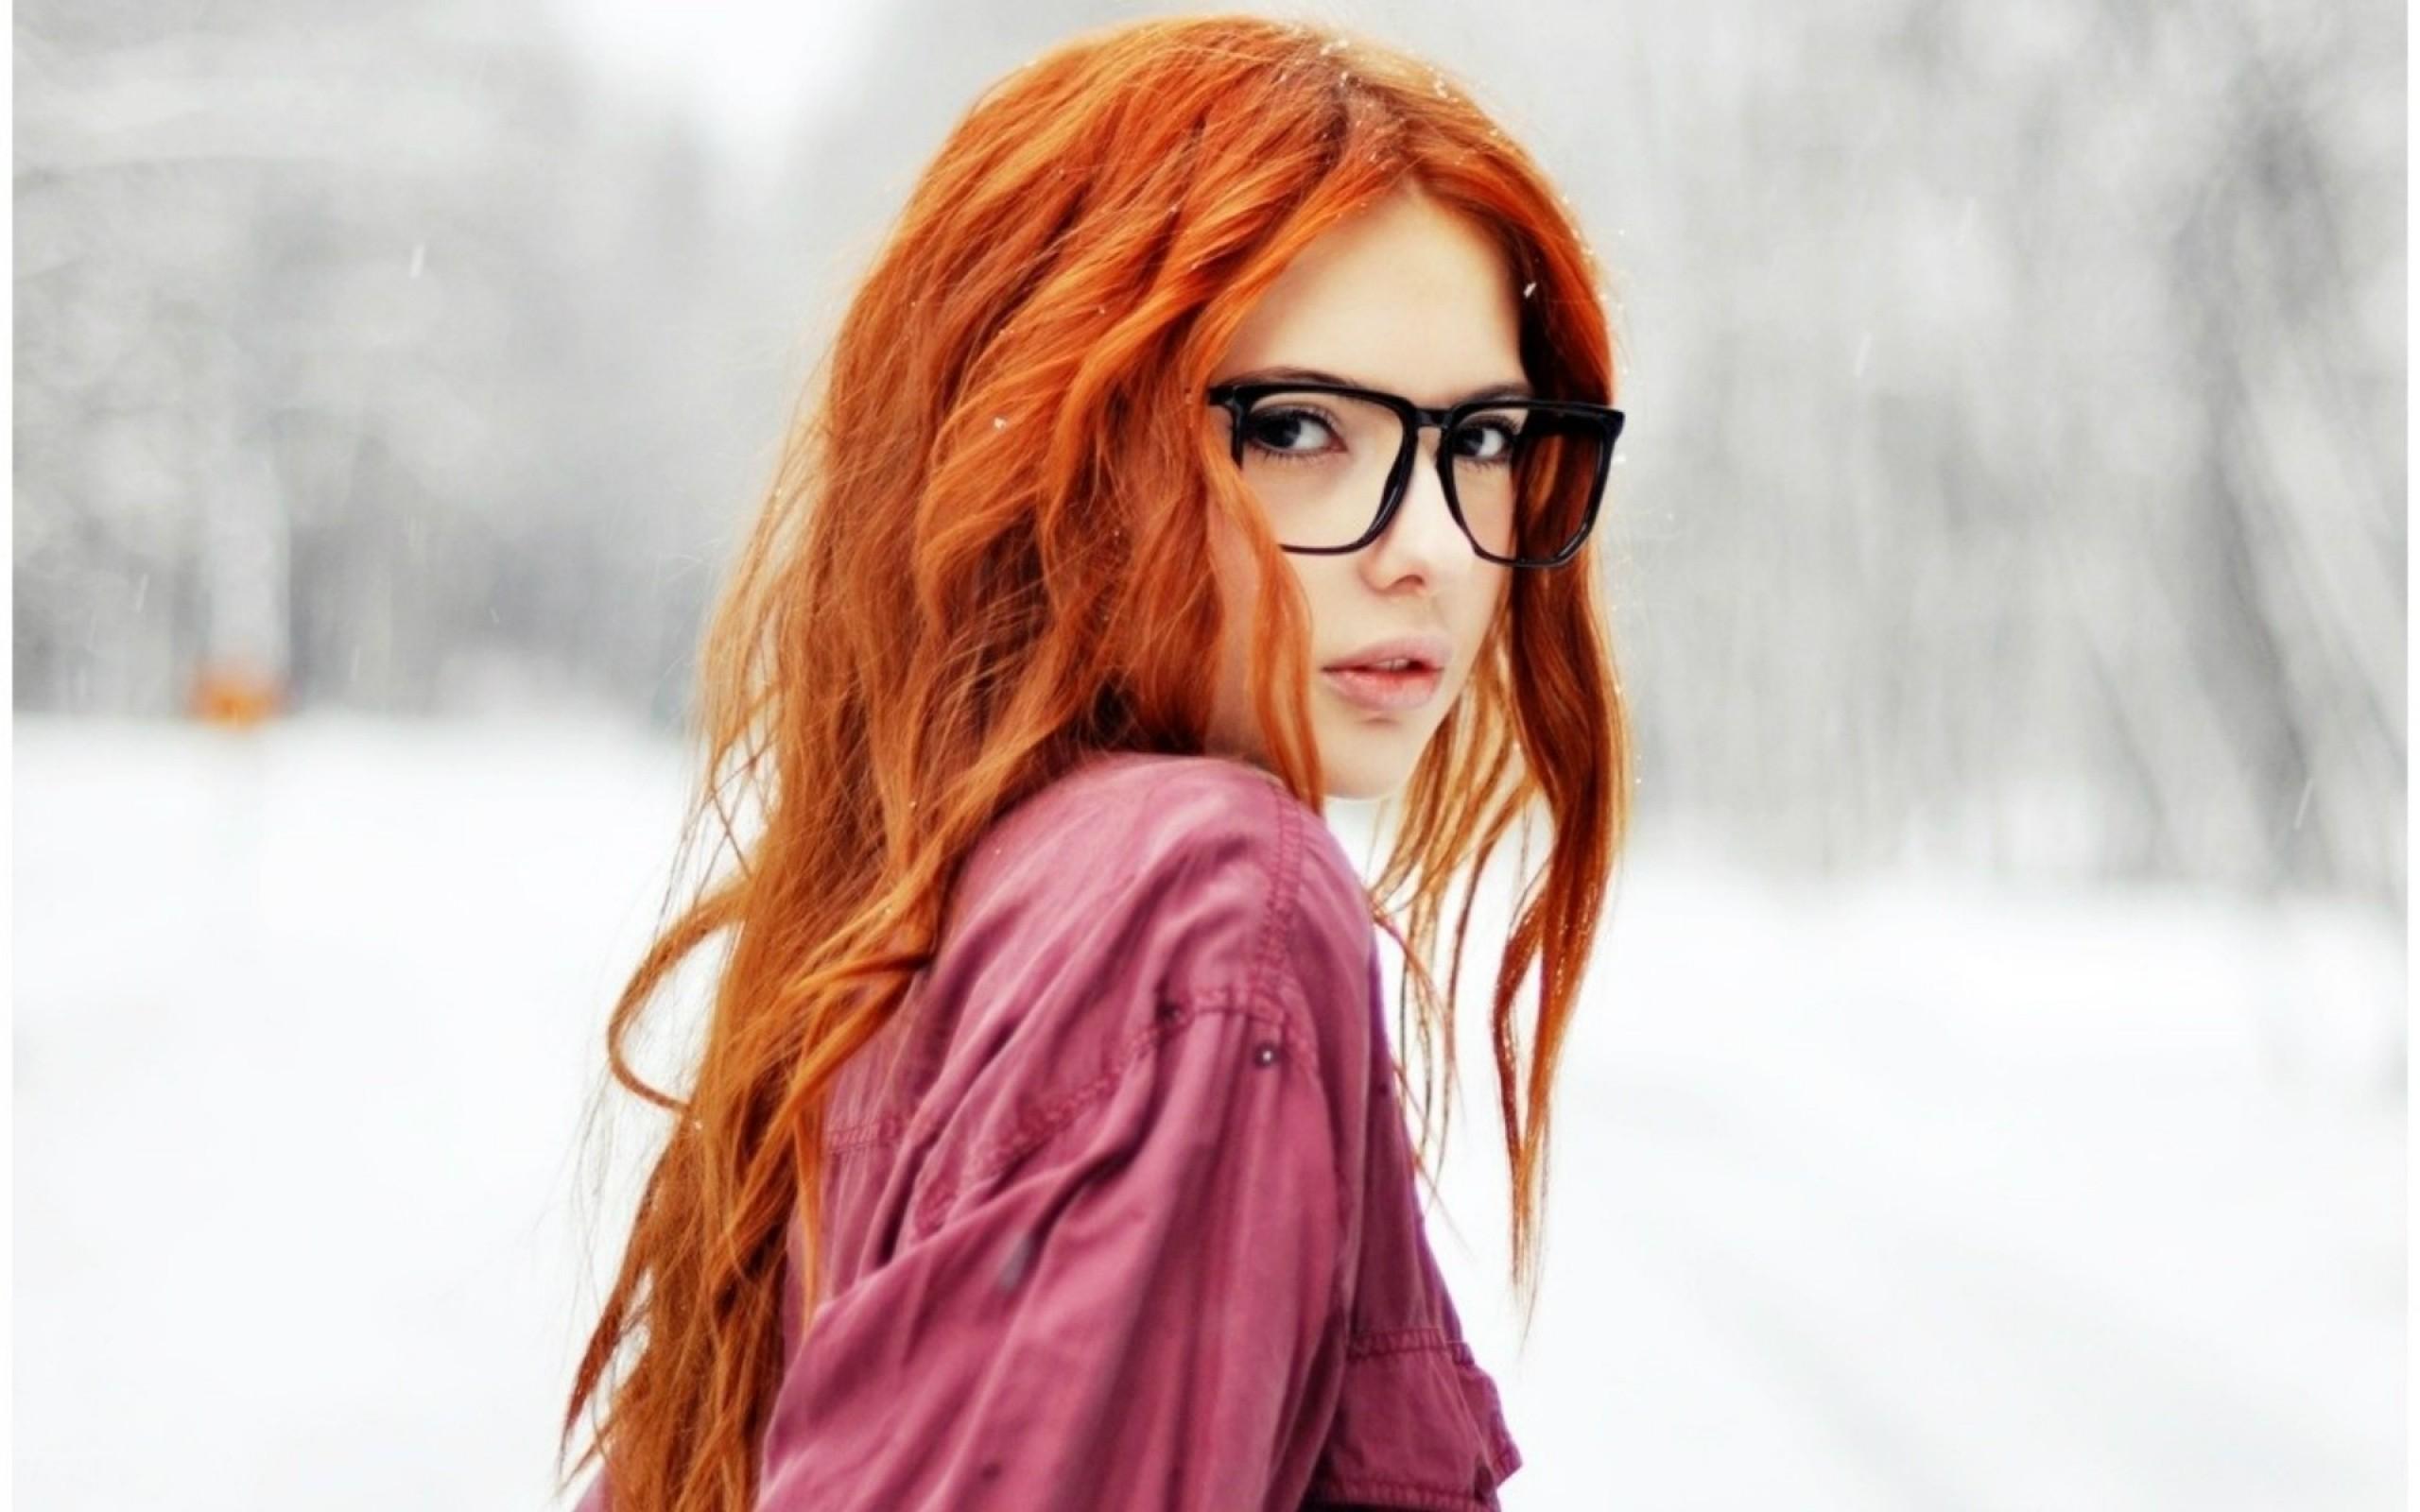 Рыжеволосая девушка в душе 12 фотография